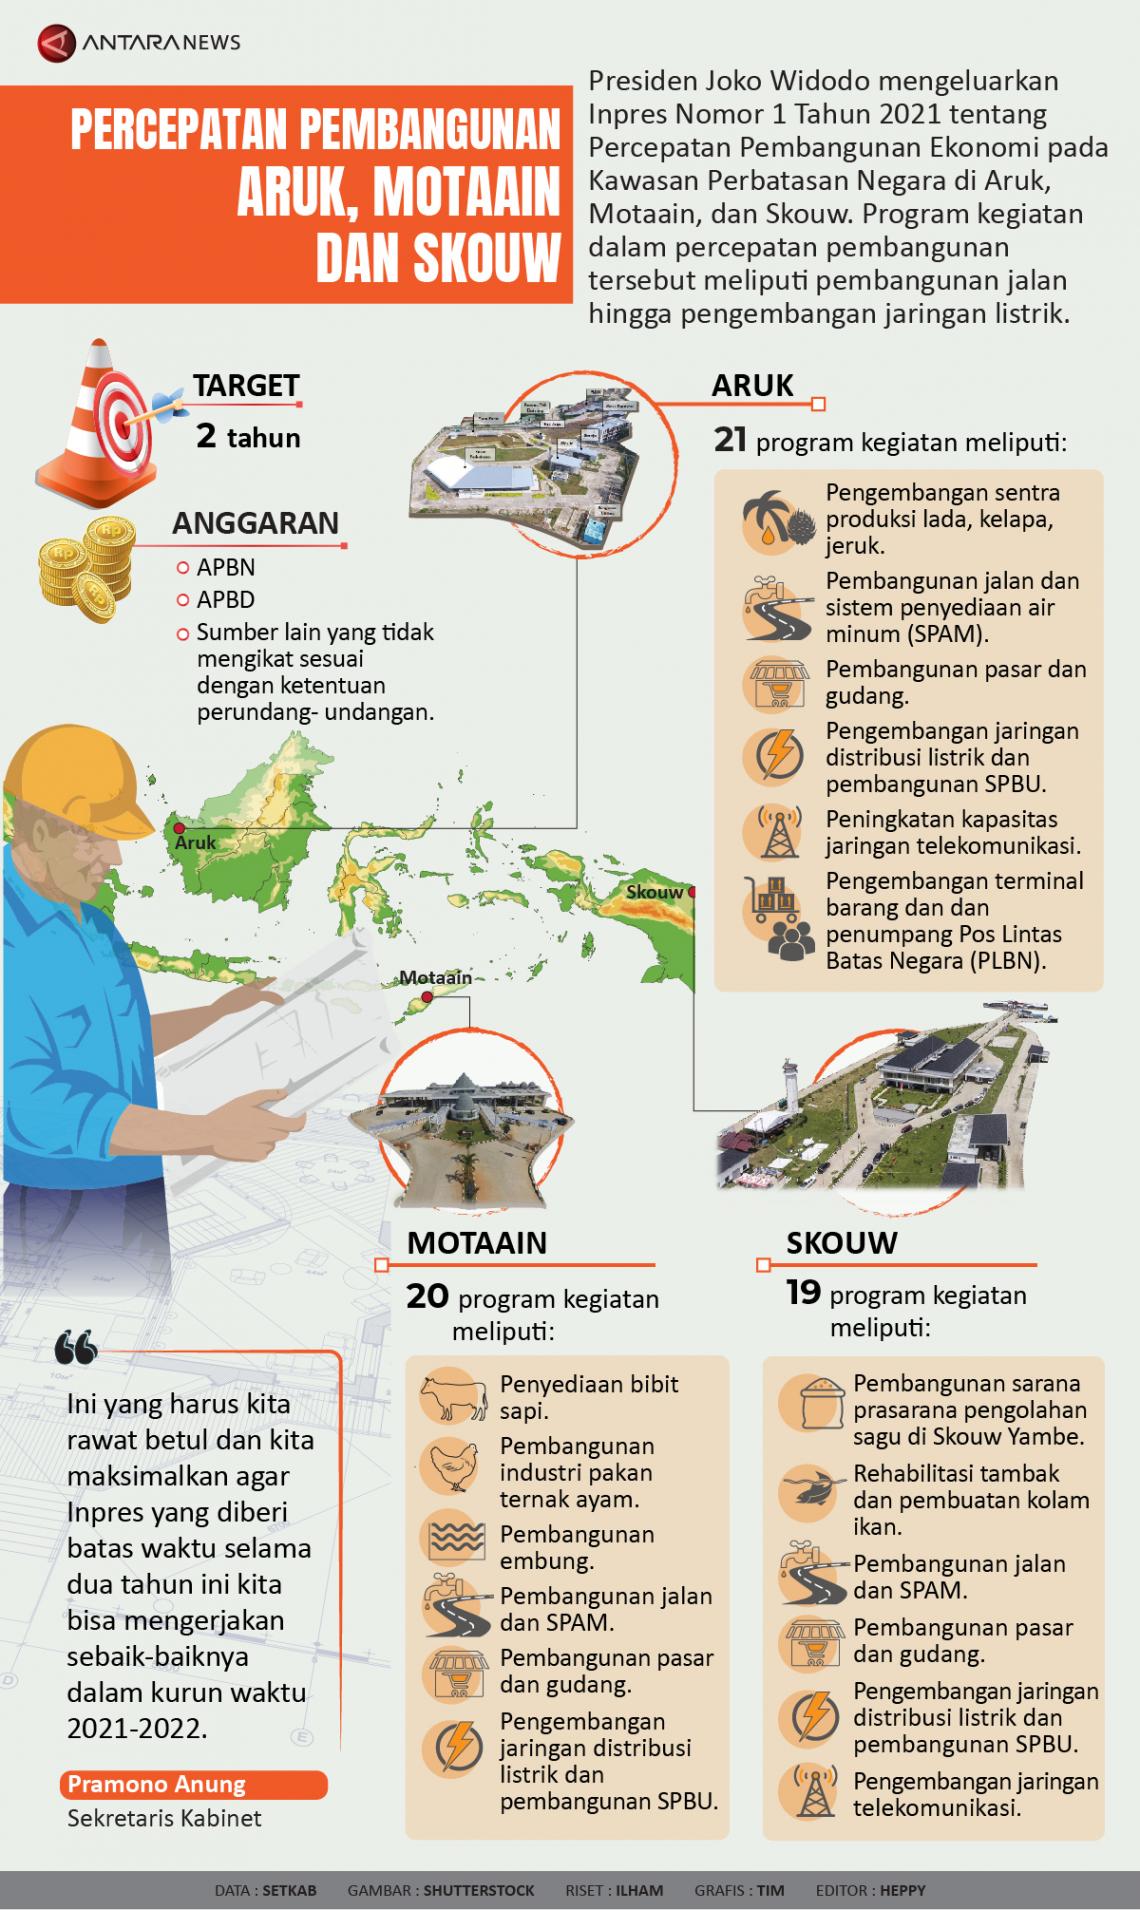 Percepatan pembangunan Aruk, Motaain dan Skouw